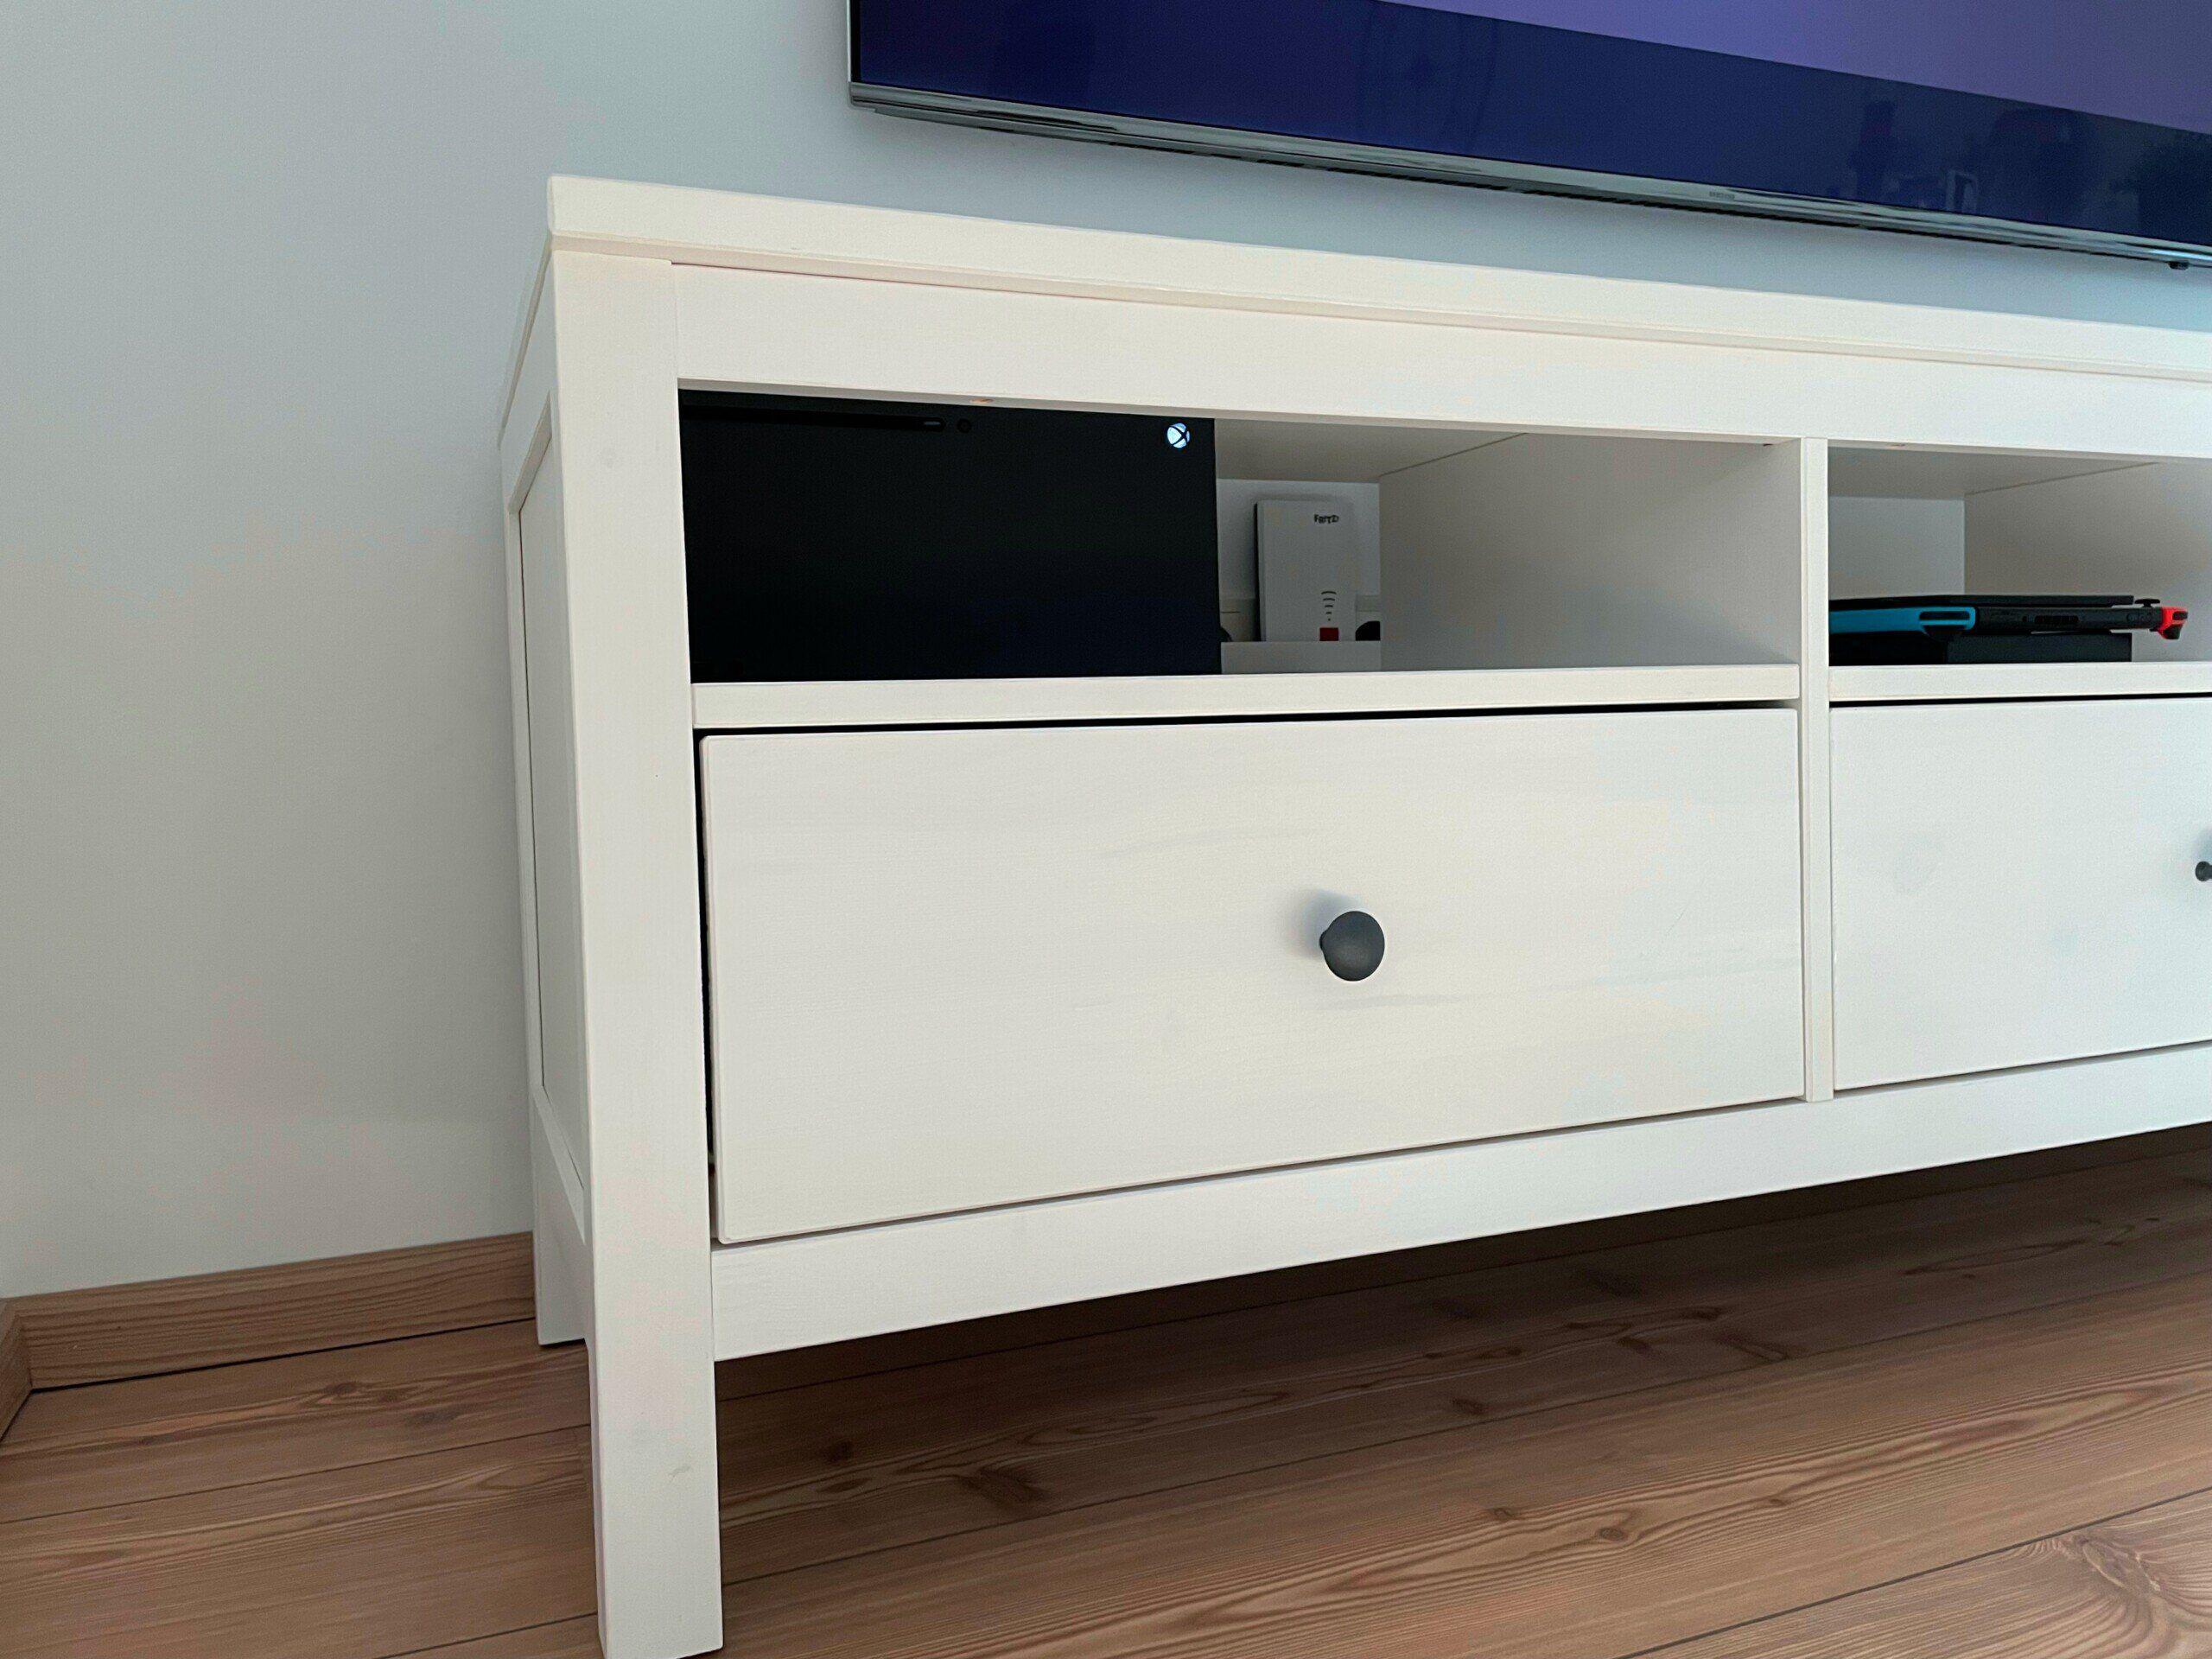 Die Xbox Series X passt ganz knapp in den IKEA Hemnes TV Schrank, wenn man die Schublade kurz entfernt.